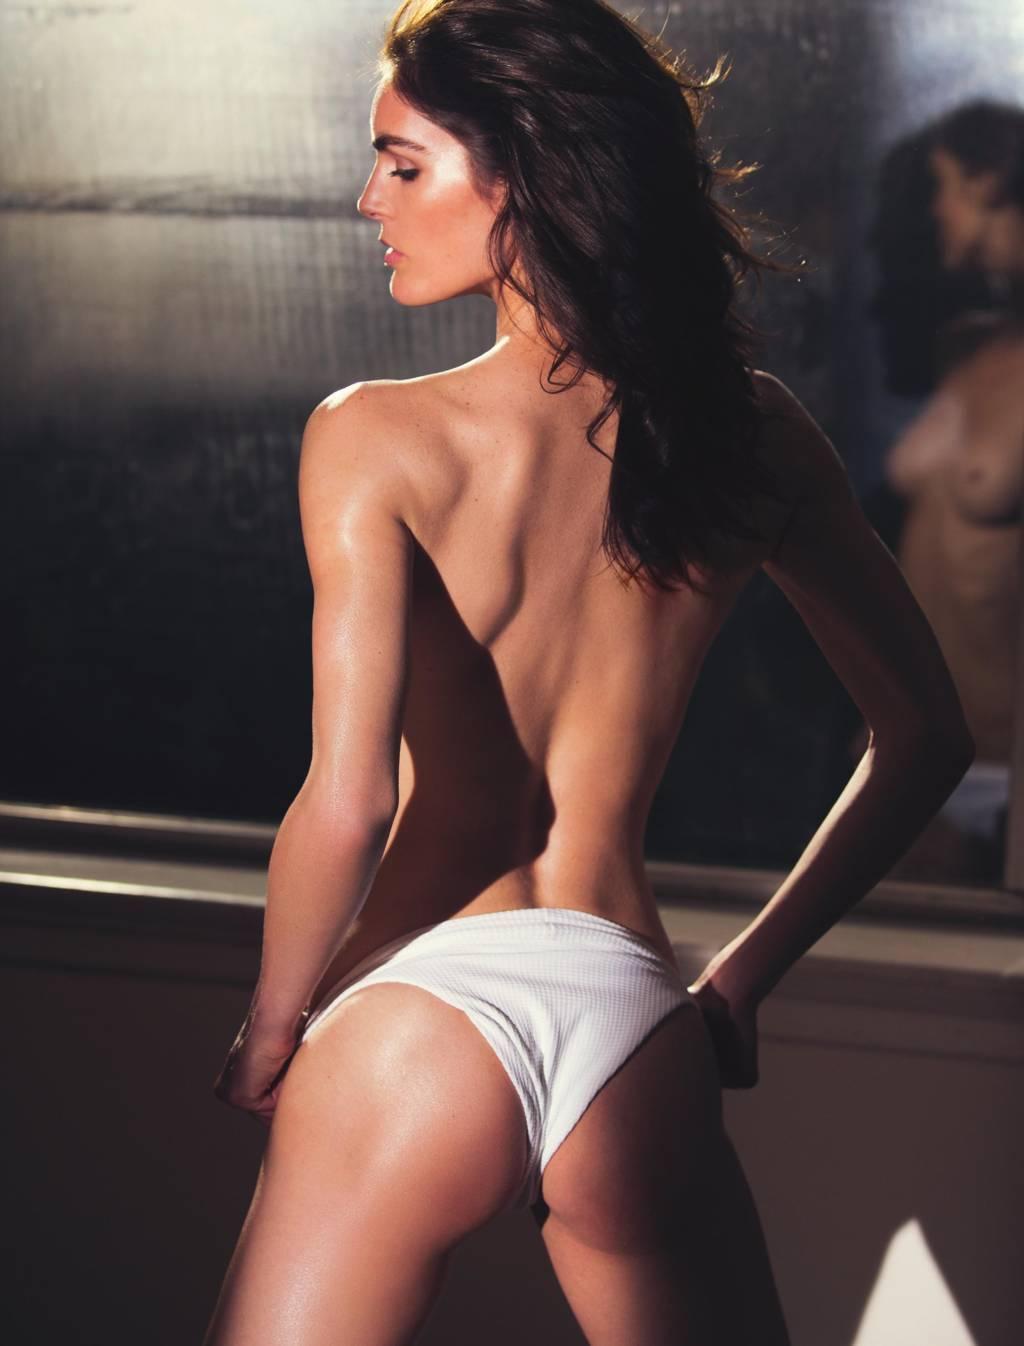 Hilary rhoda naked